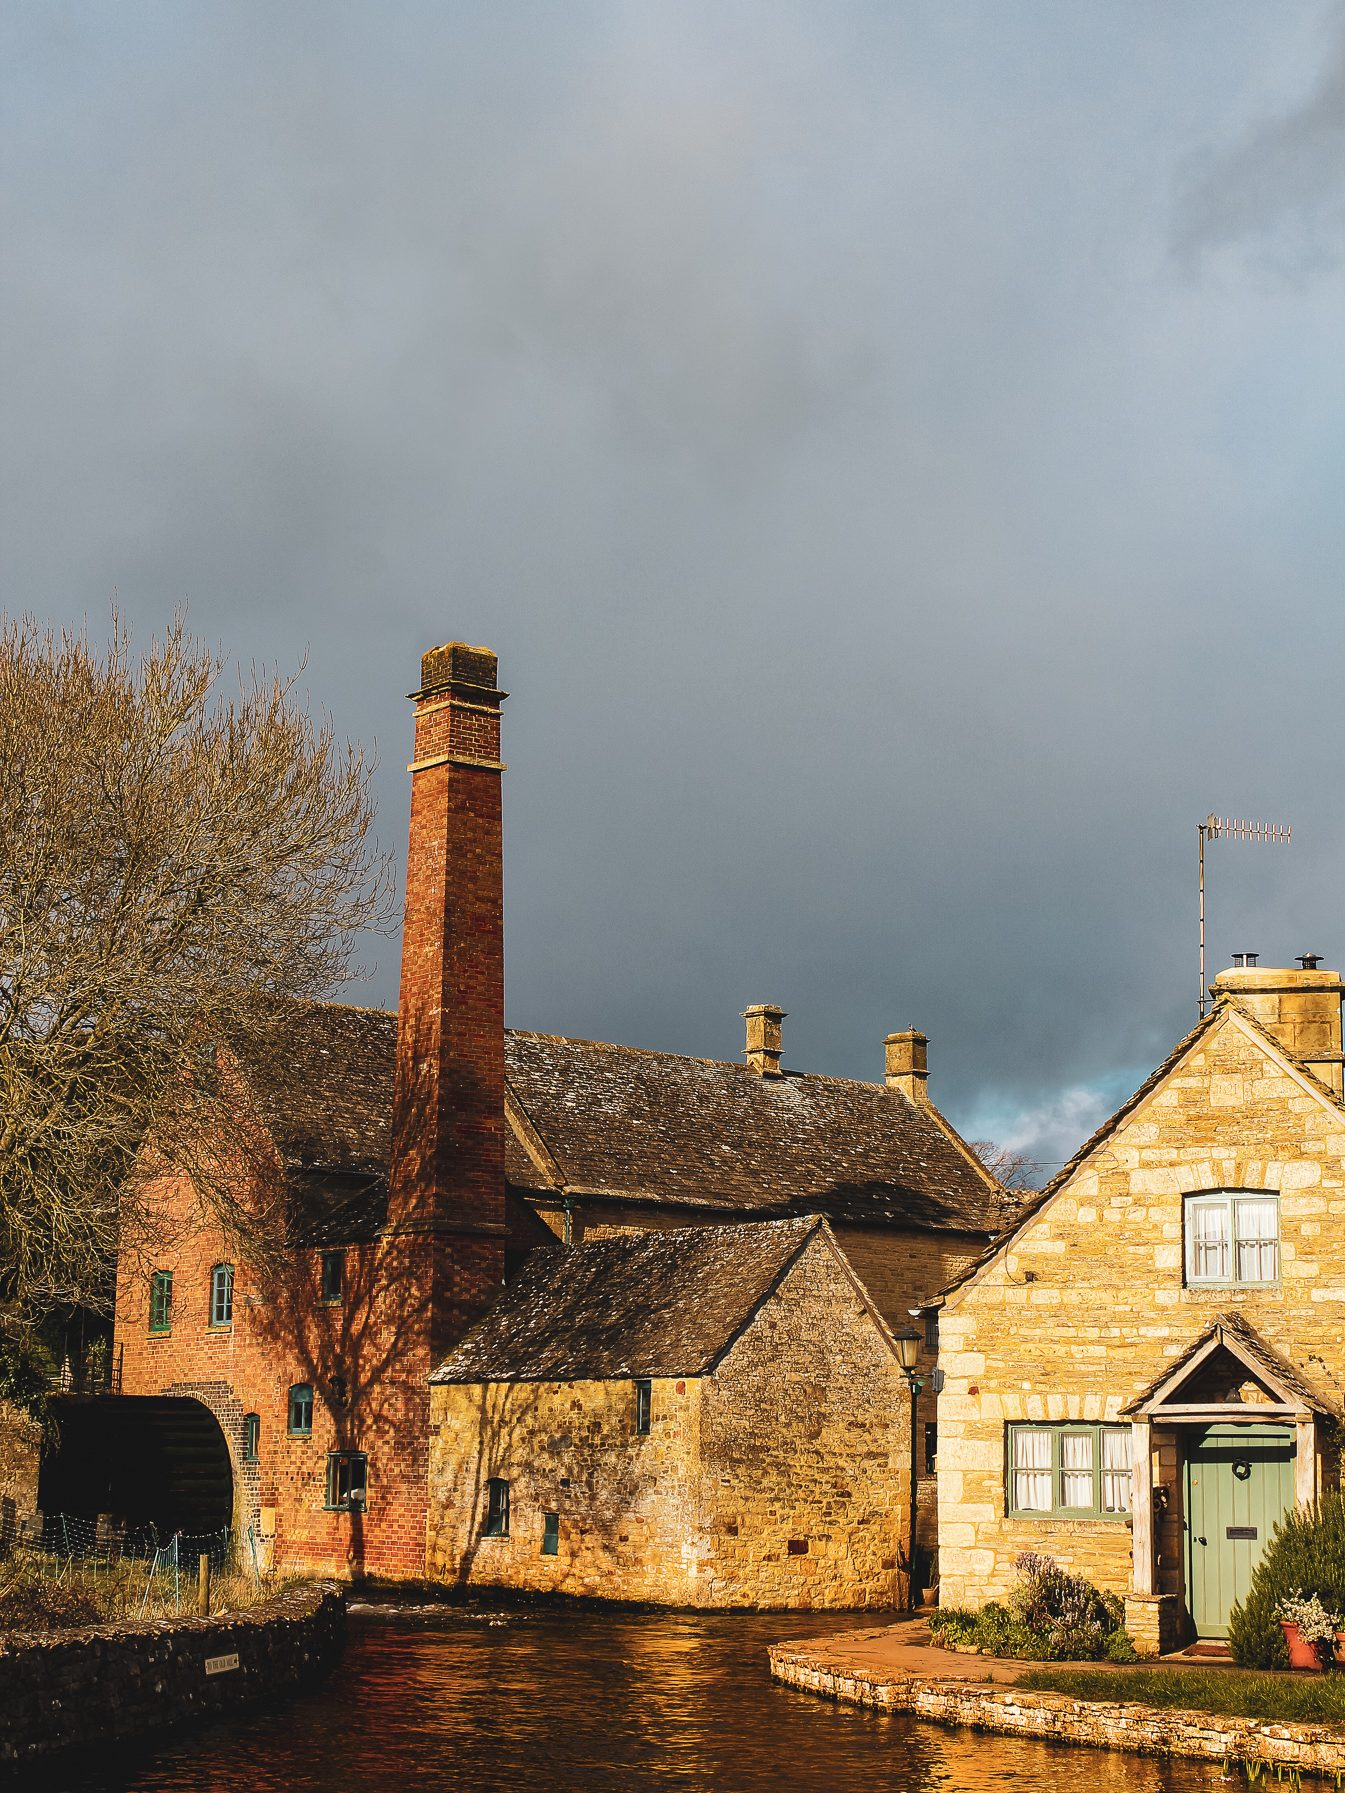 Cotswolds Villages to Visit